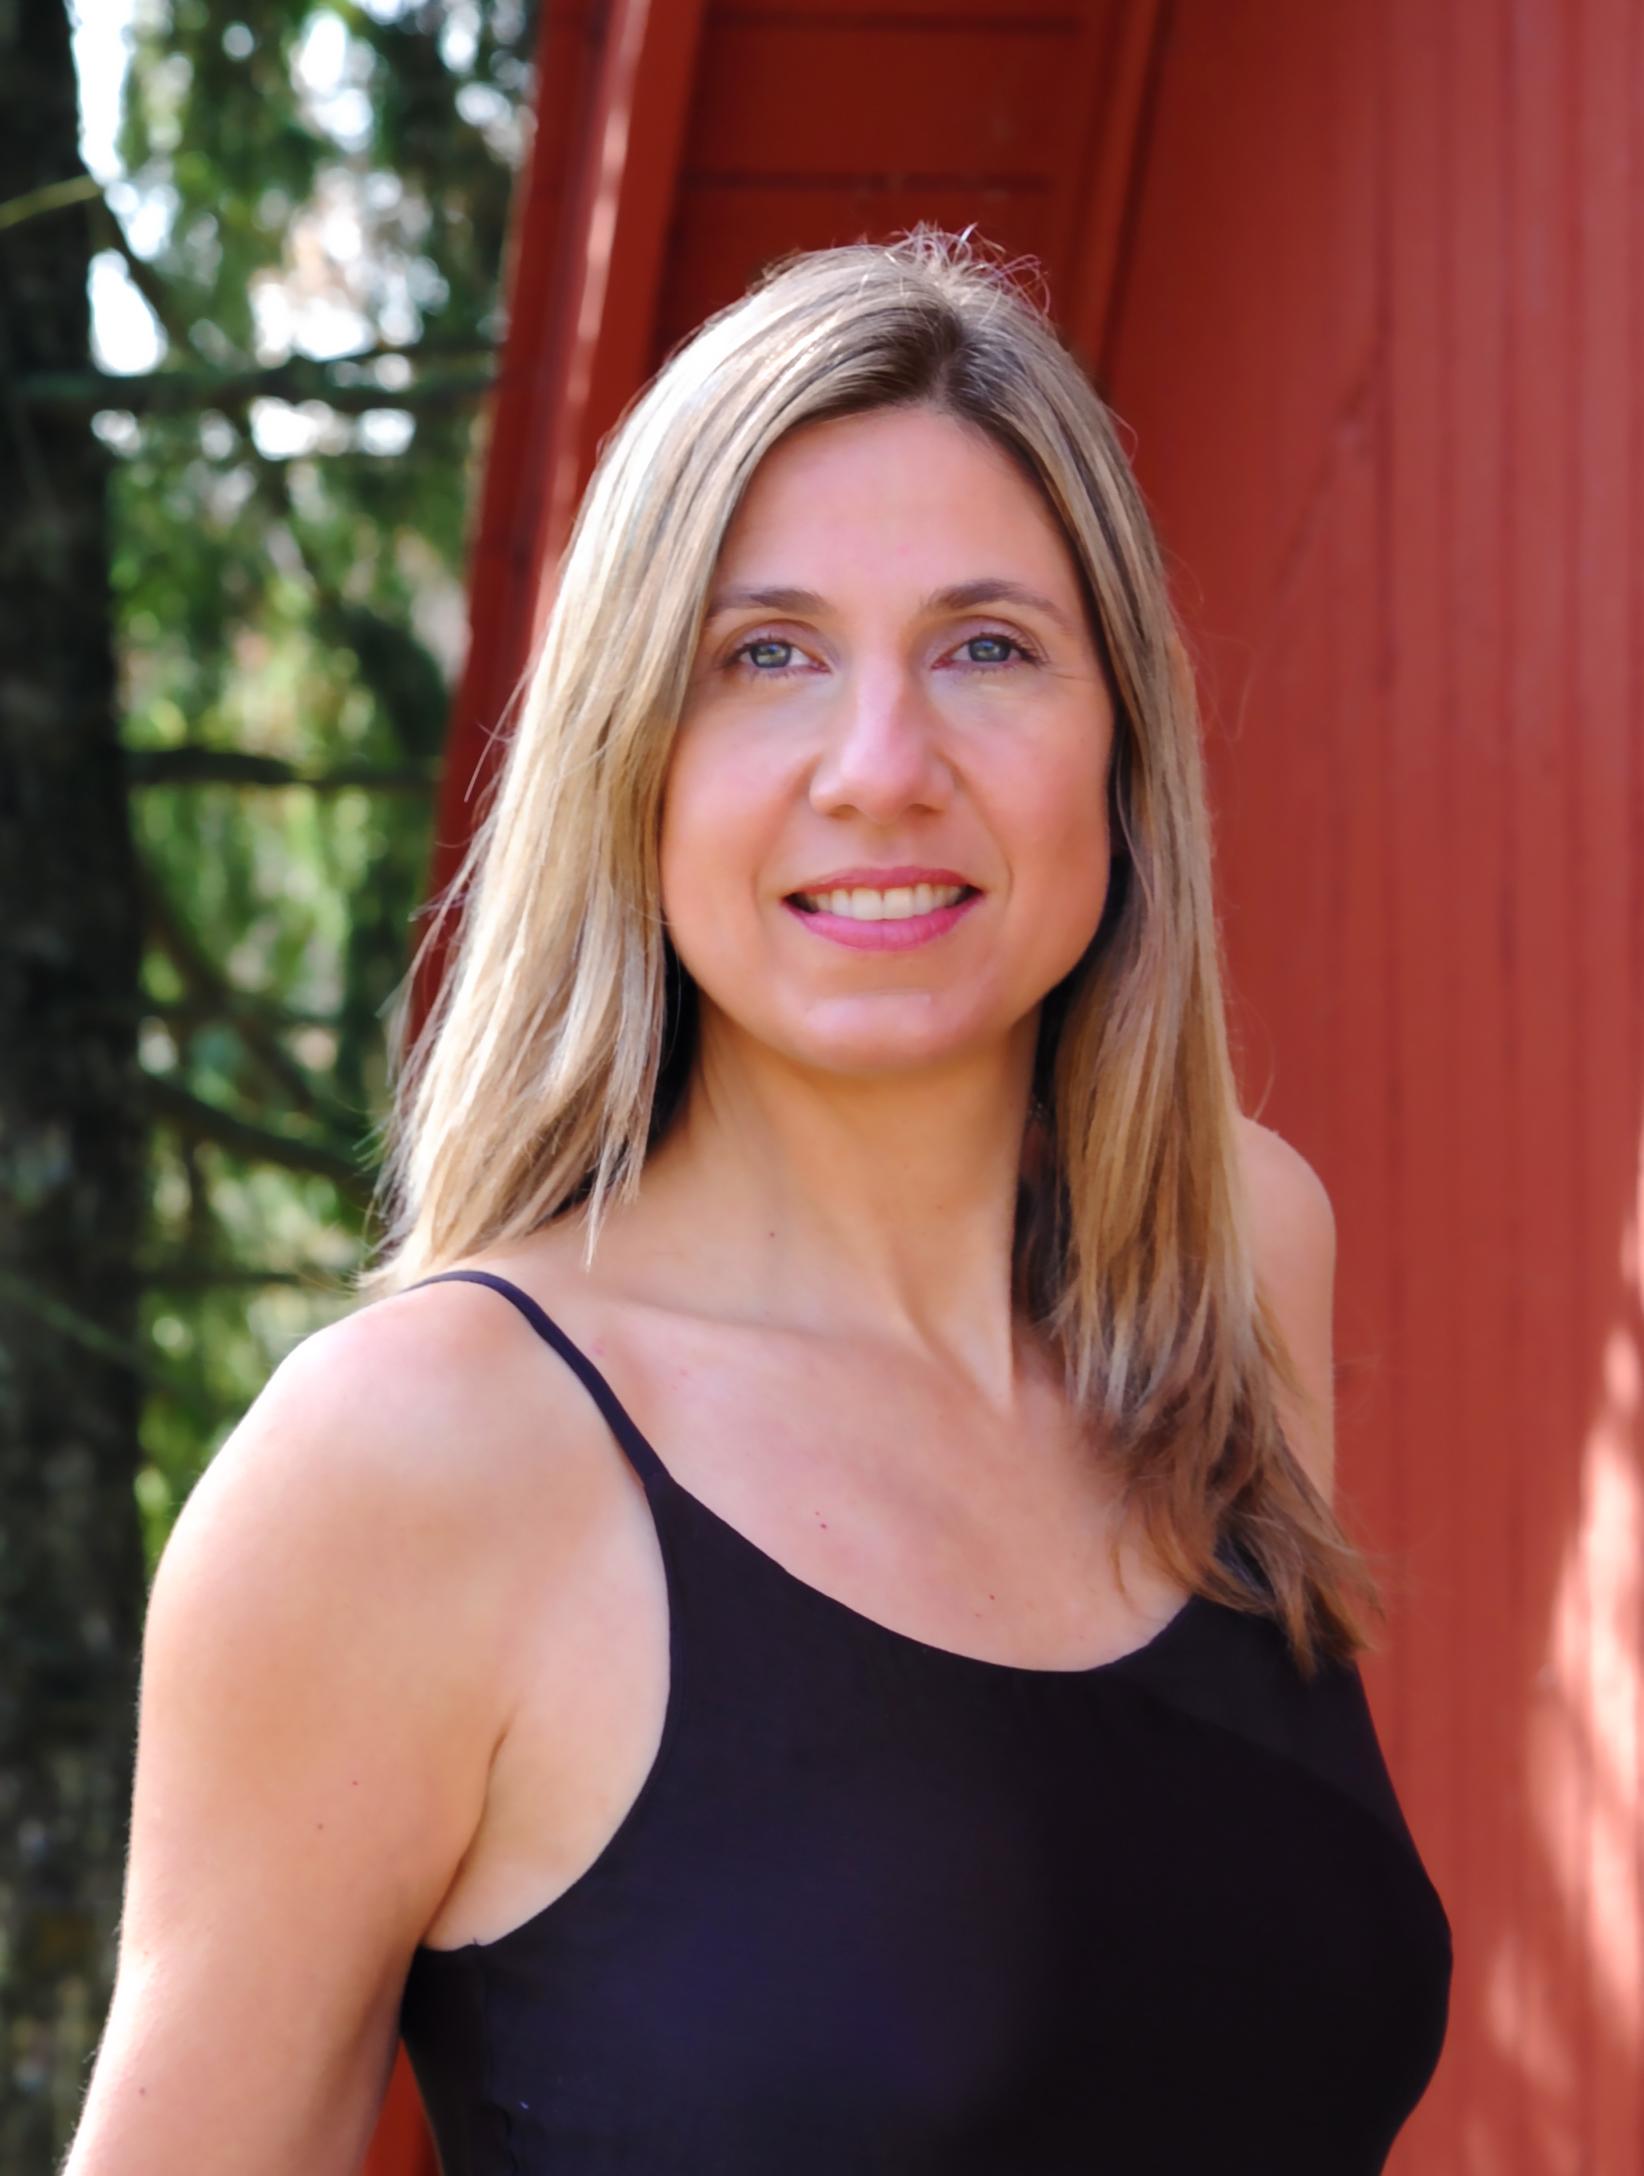 Suzanne headshot2.jpg